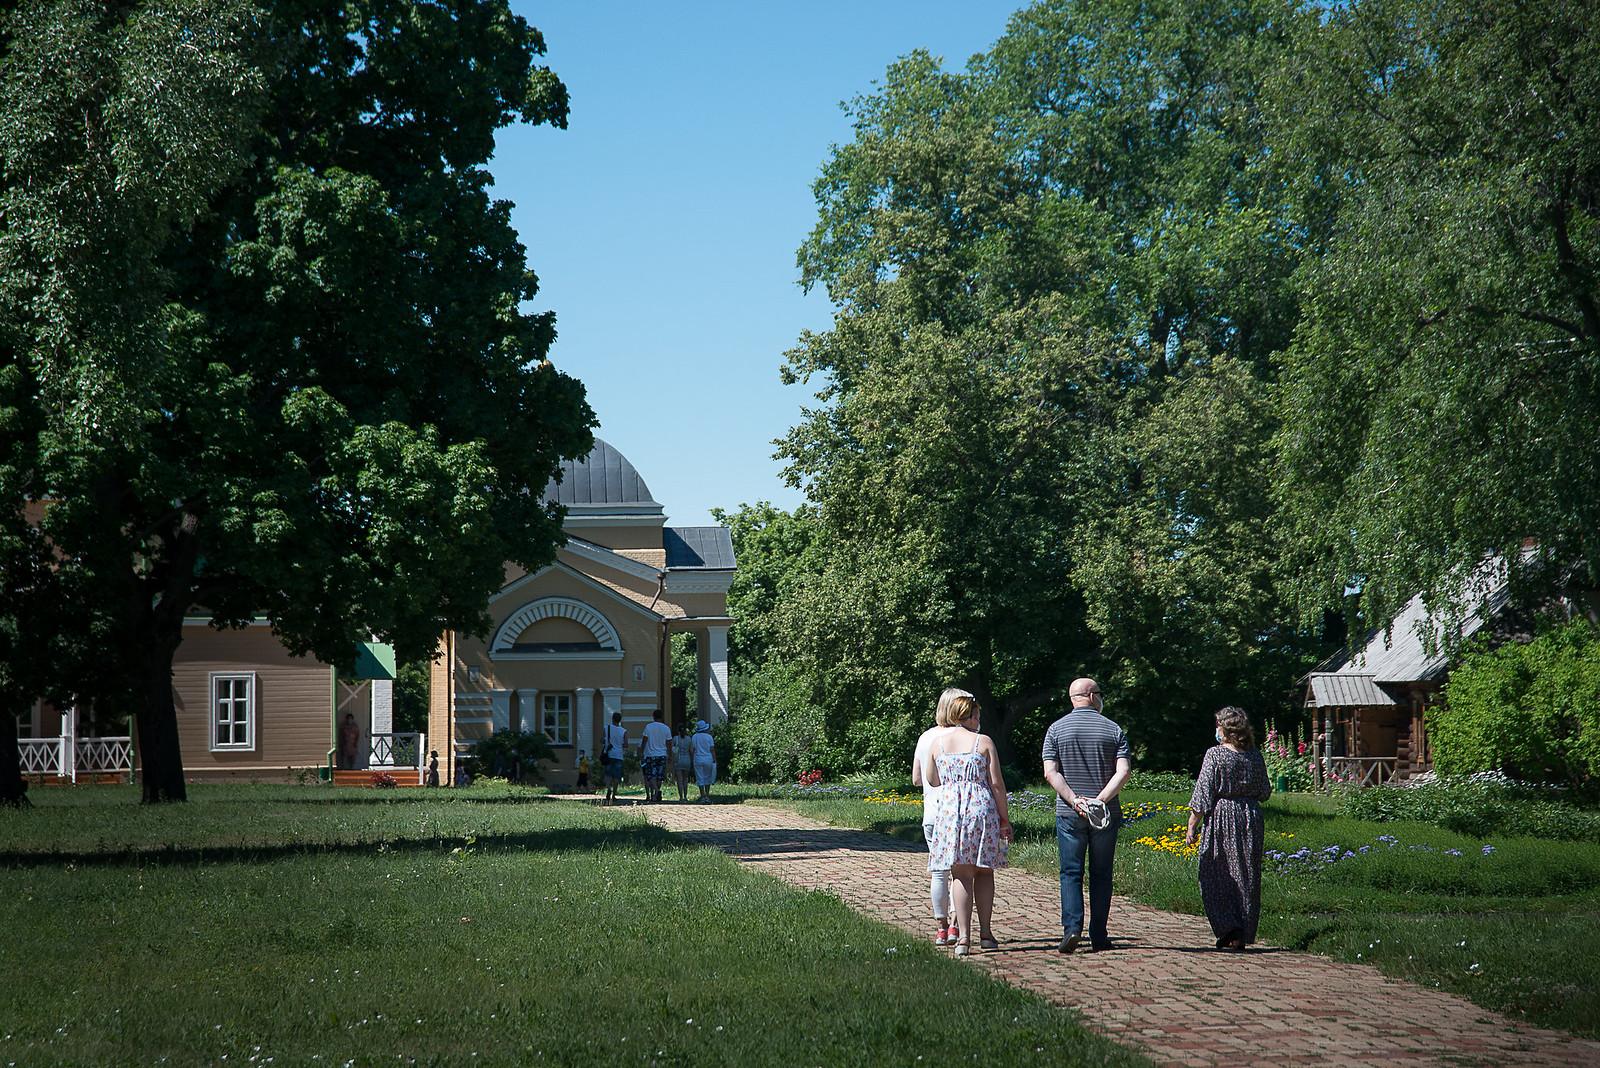 Музей-заповедник «Тарханы» принимает посетителей. 12 июля 2020 года. Фото: Александр Семенов